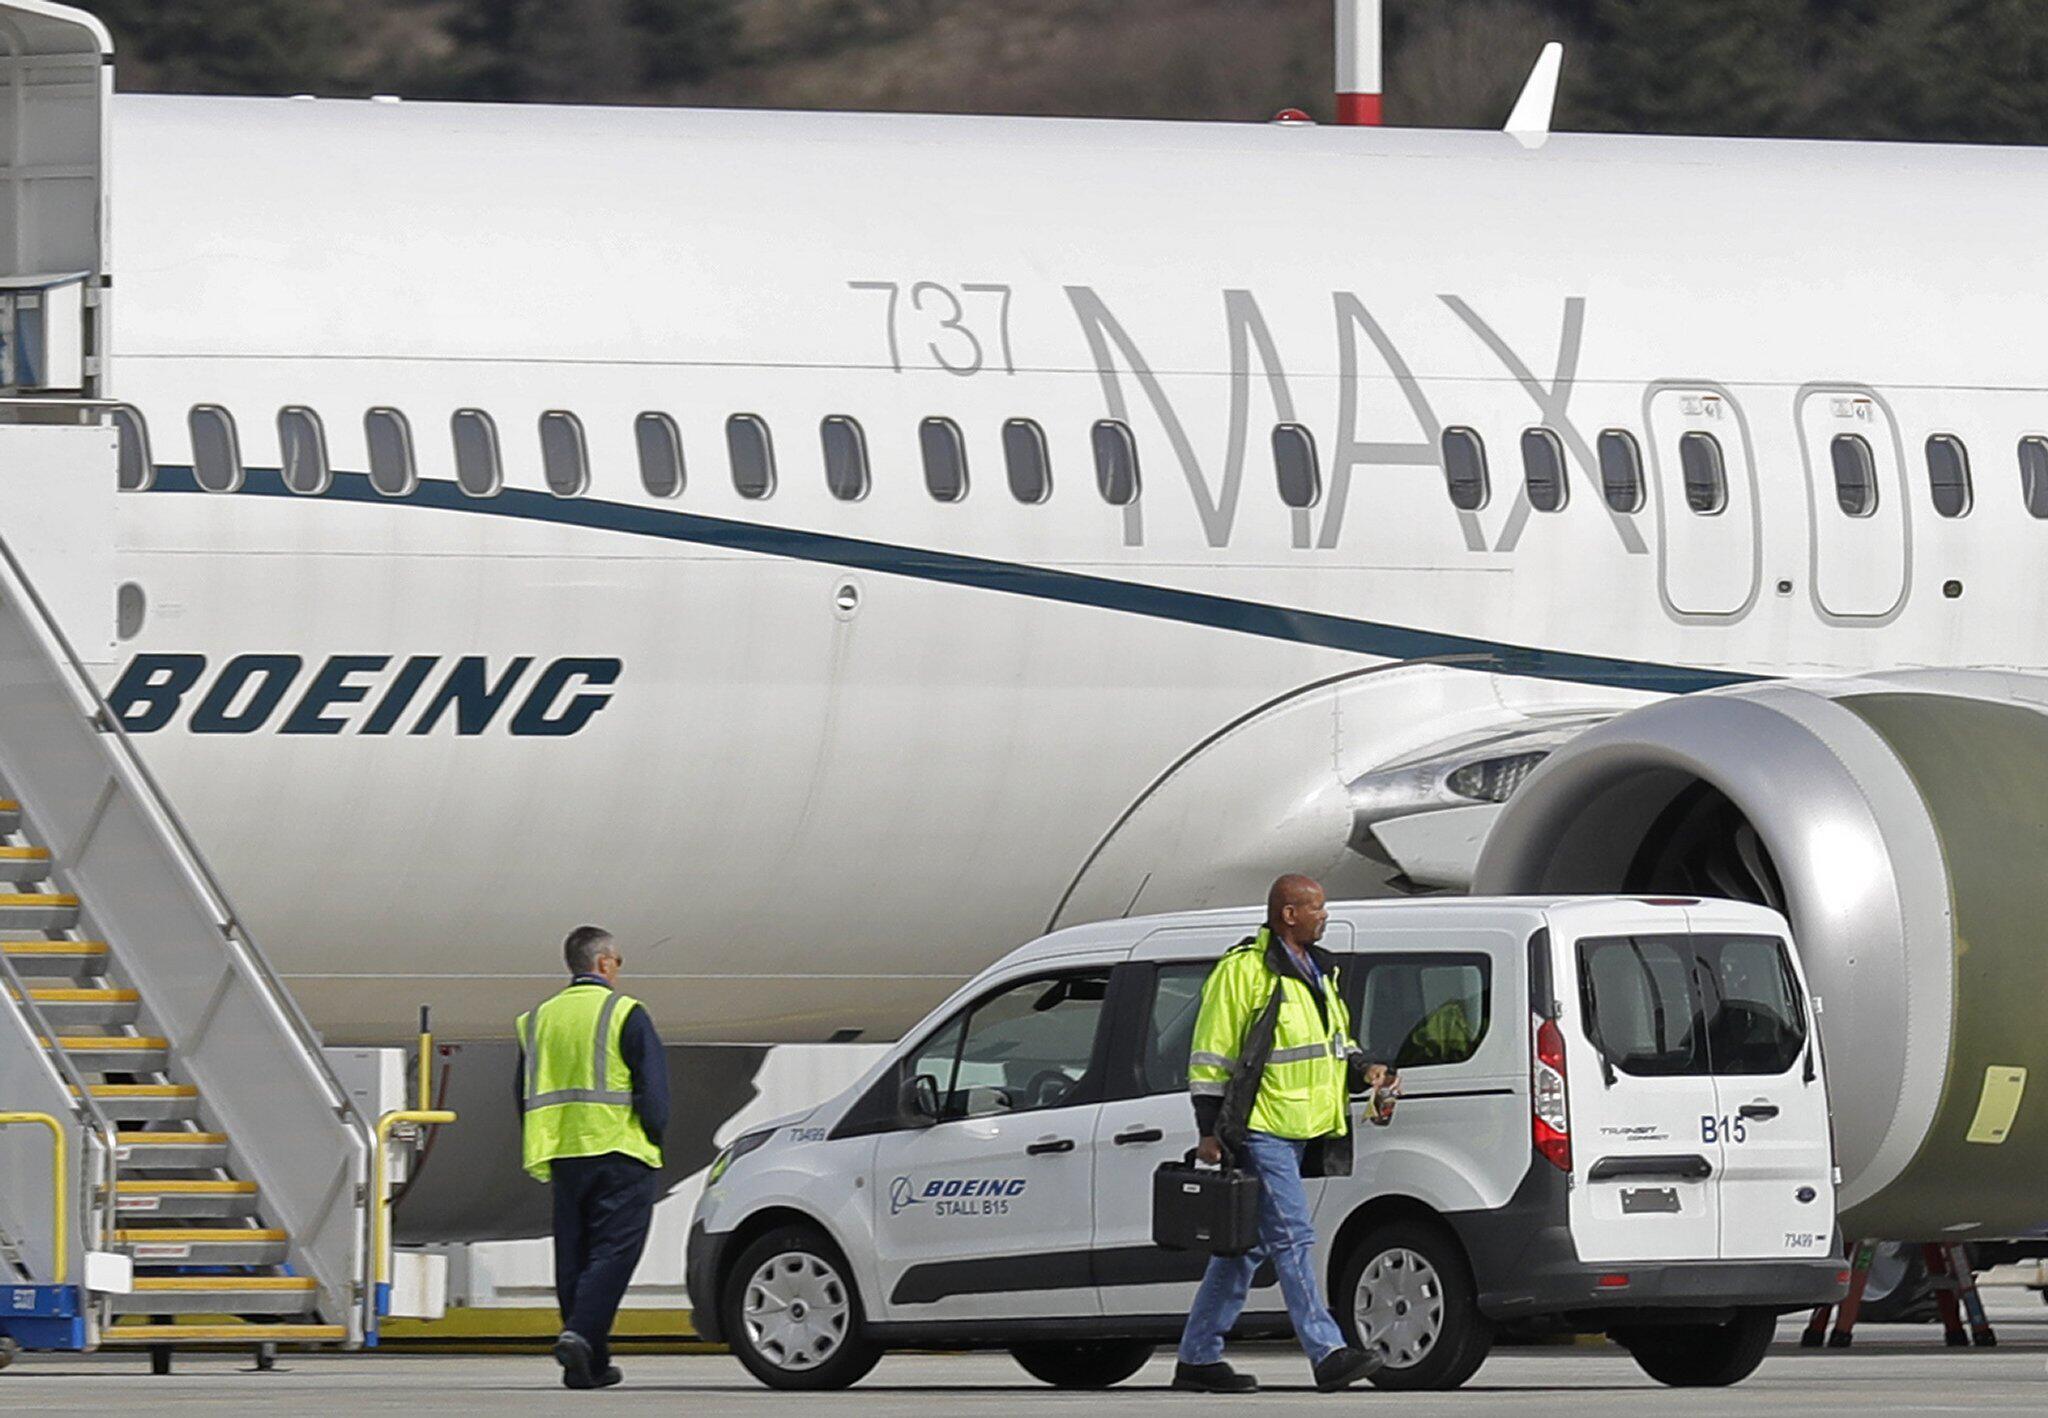 Bild zu Untersuchungsbericht zum Boeing-Absturz in Äthiopien